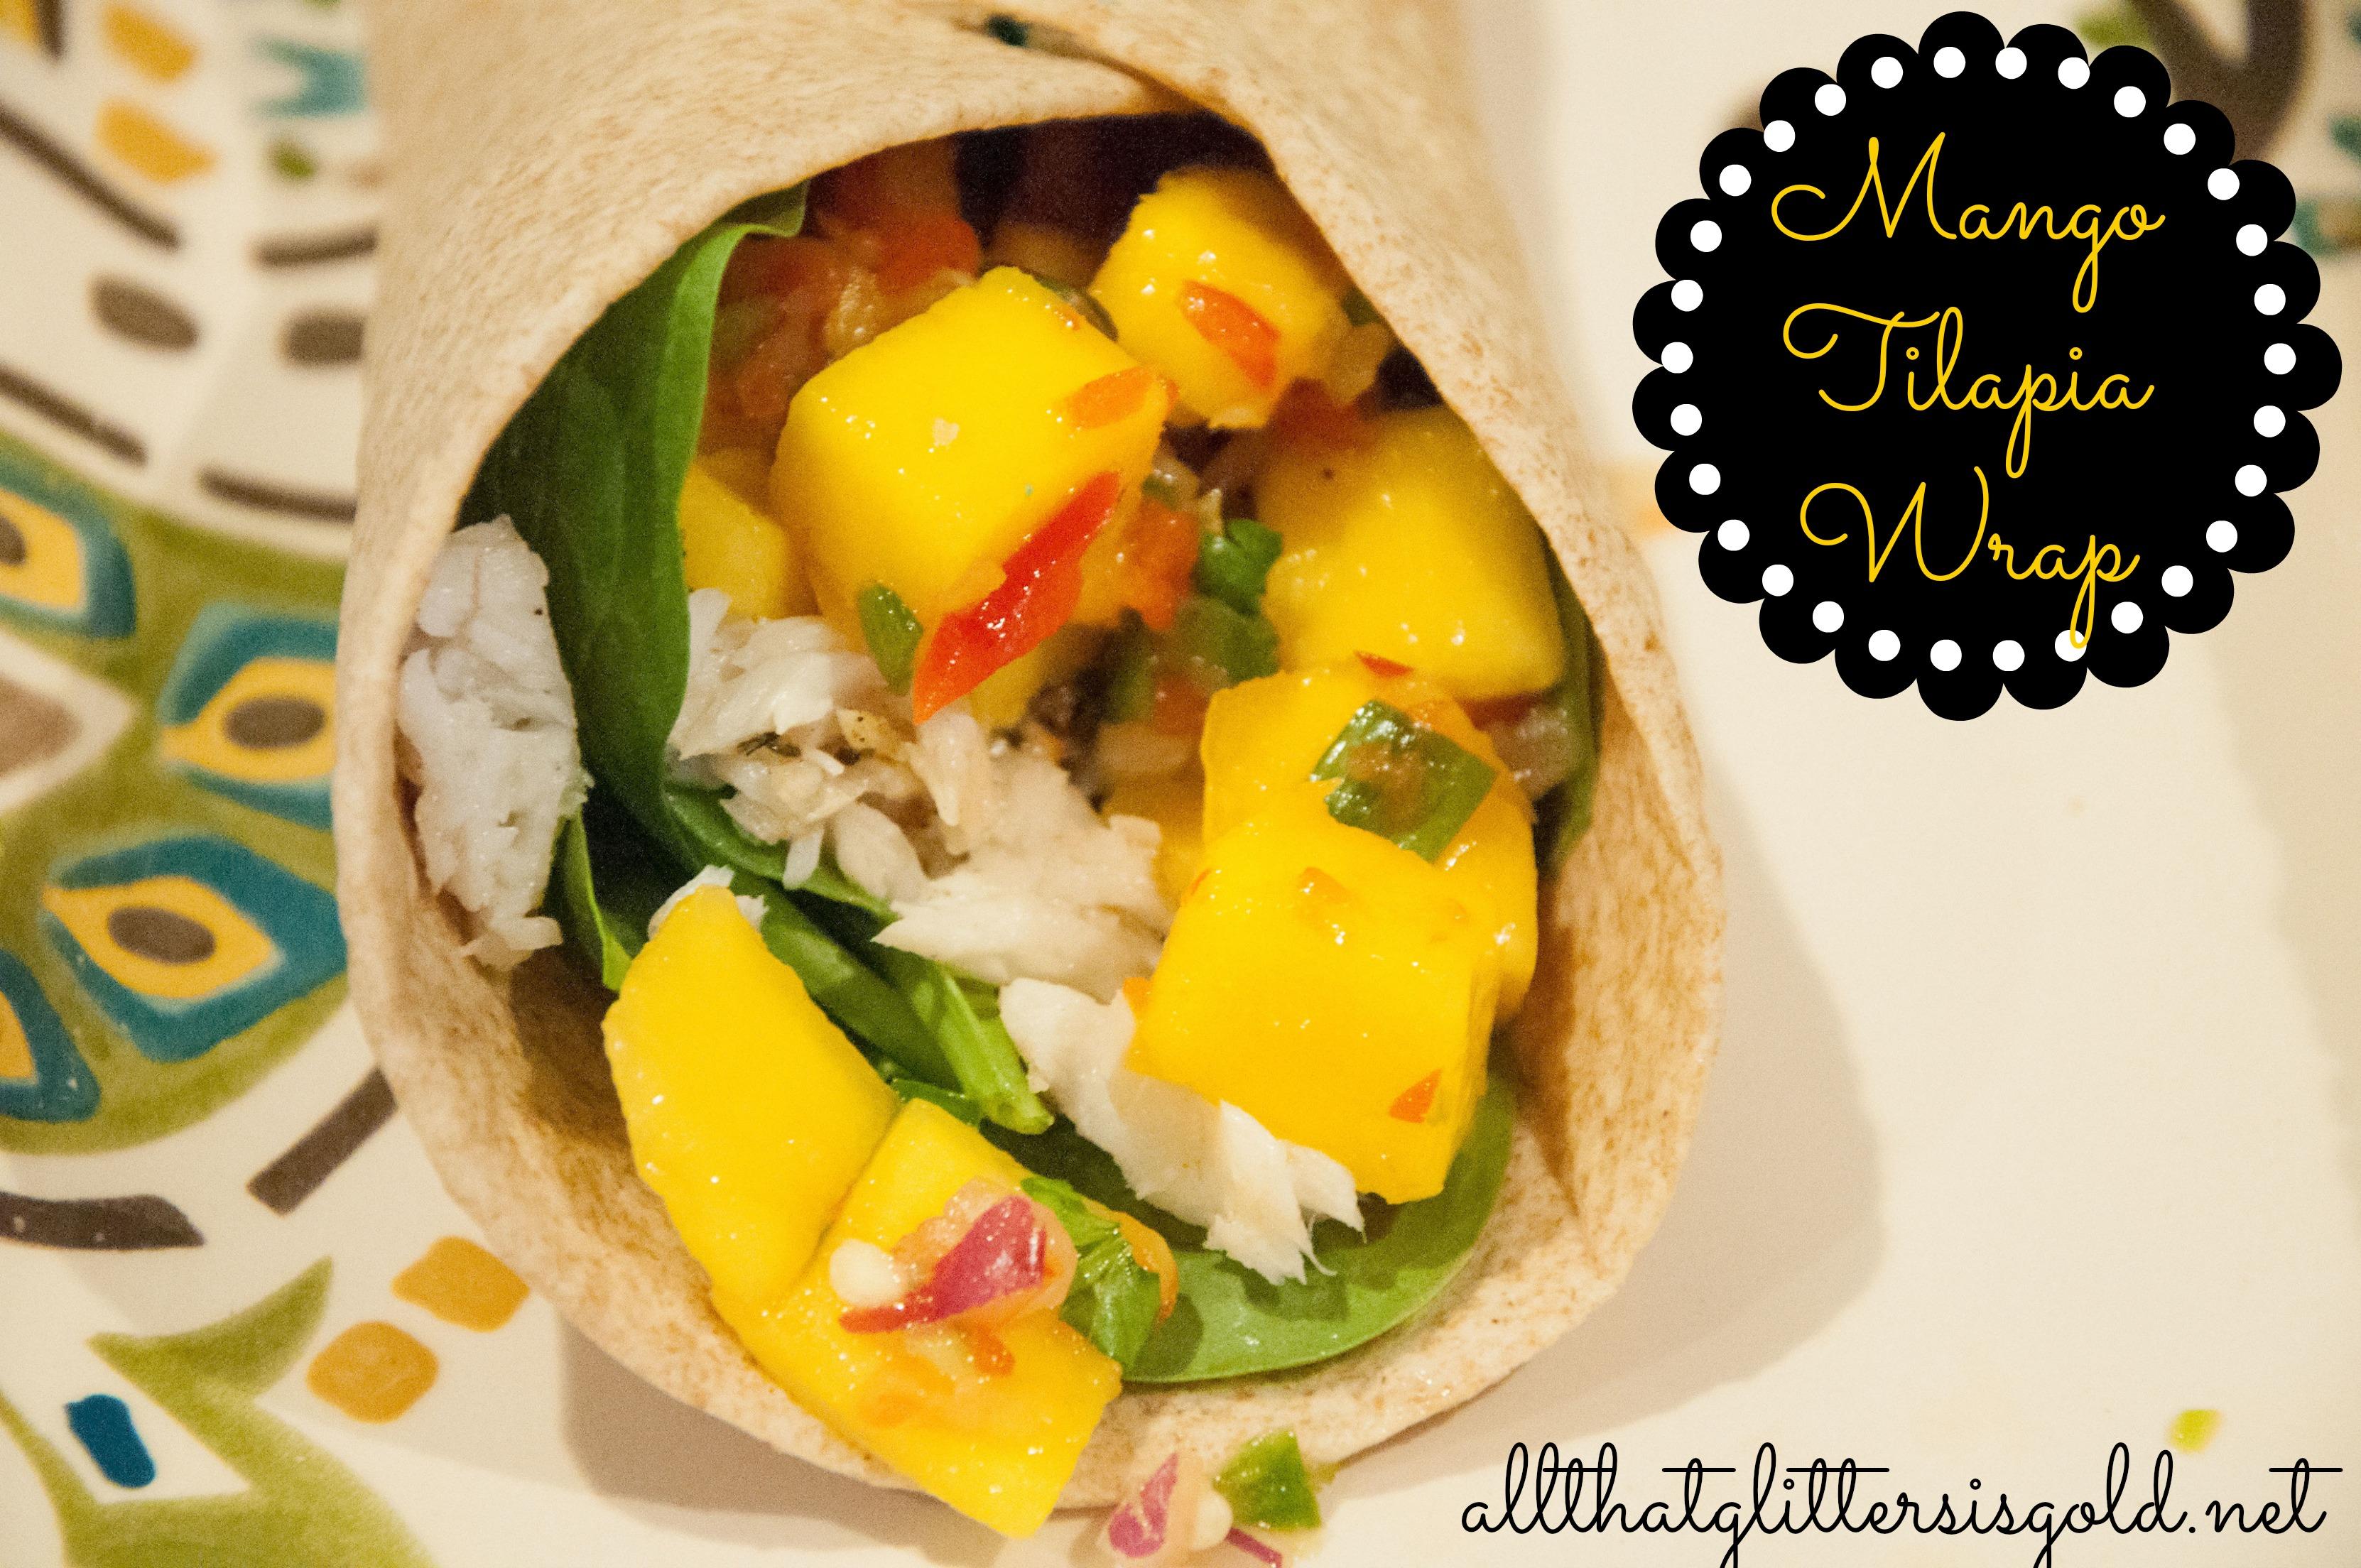 Mango Tilapia Wrap